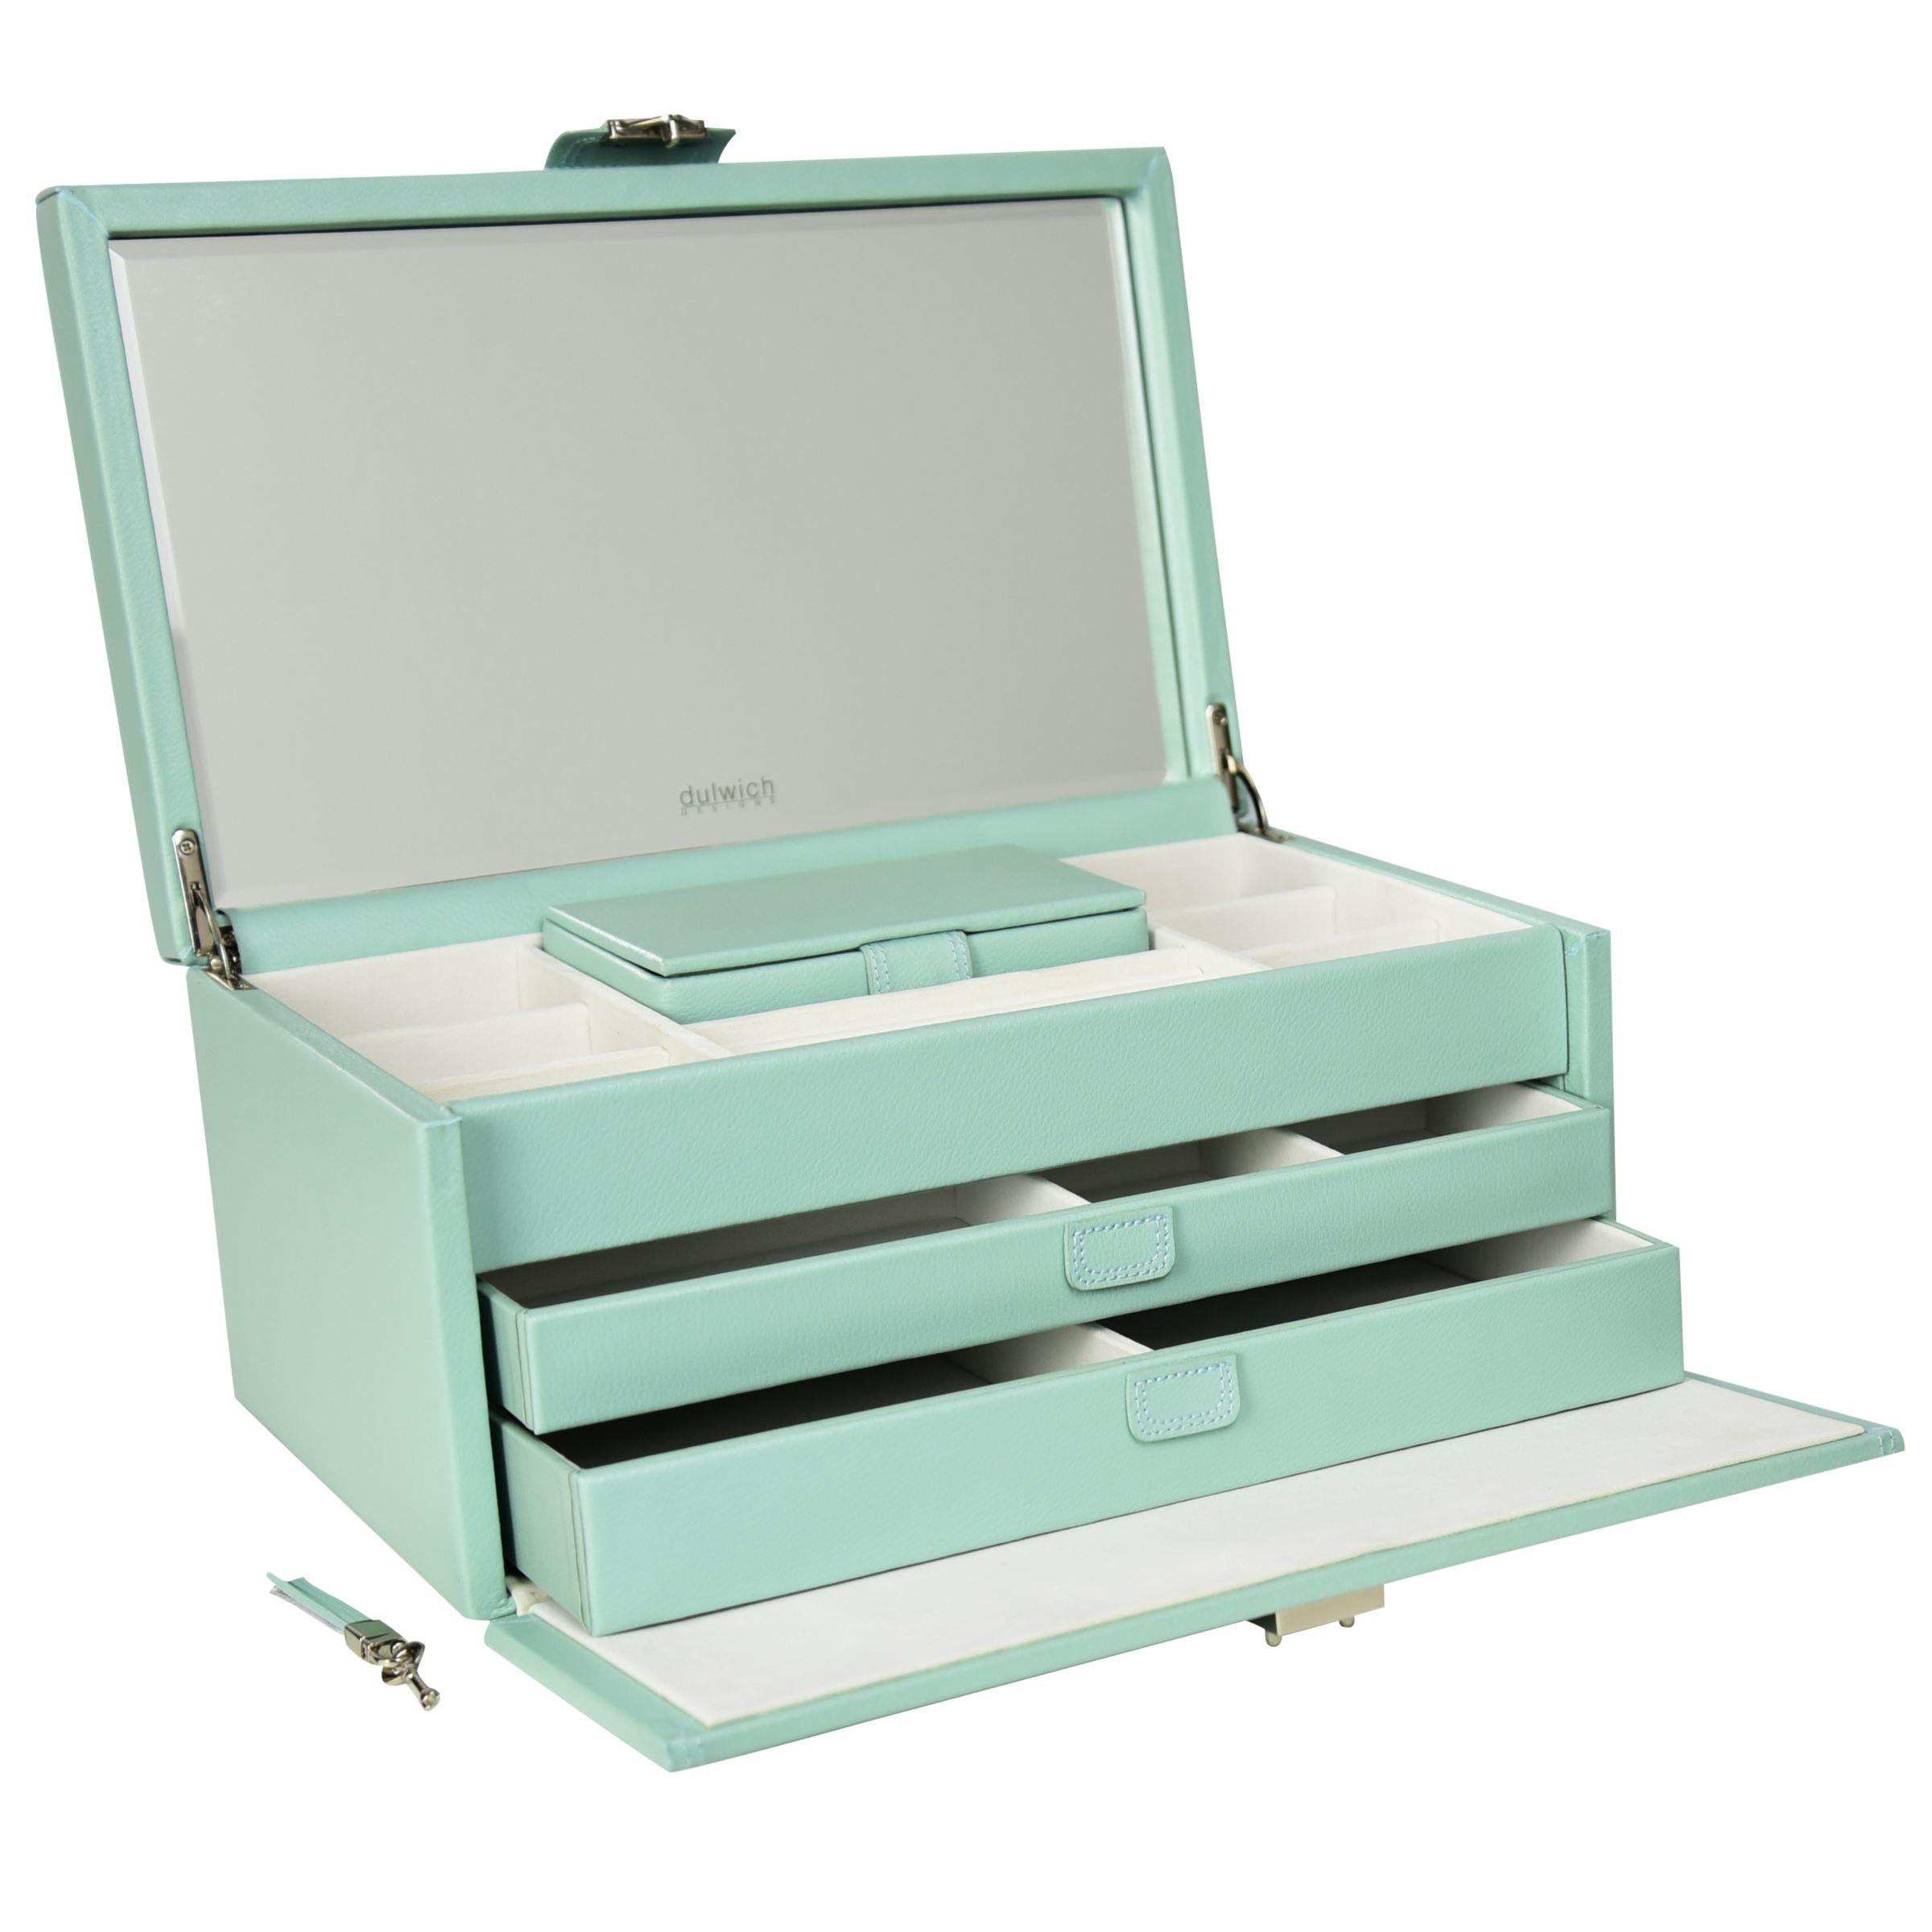 Dulwich Designs DDP XL JEWLRY BOX DUCK EGG